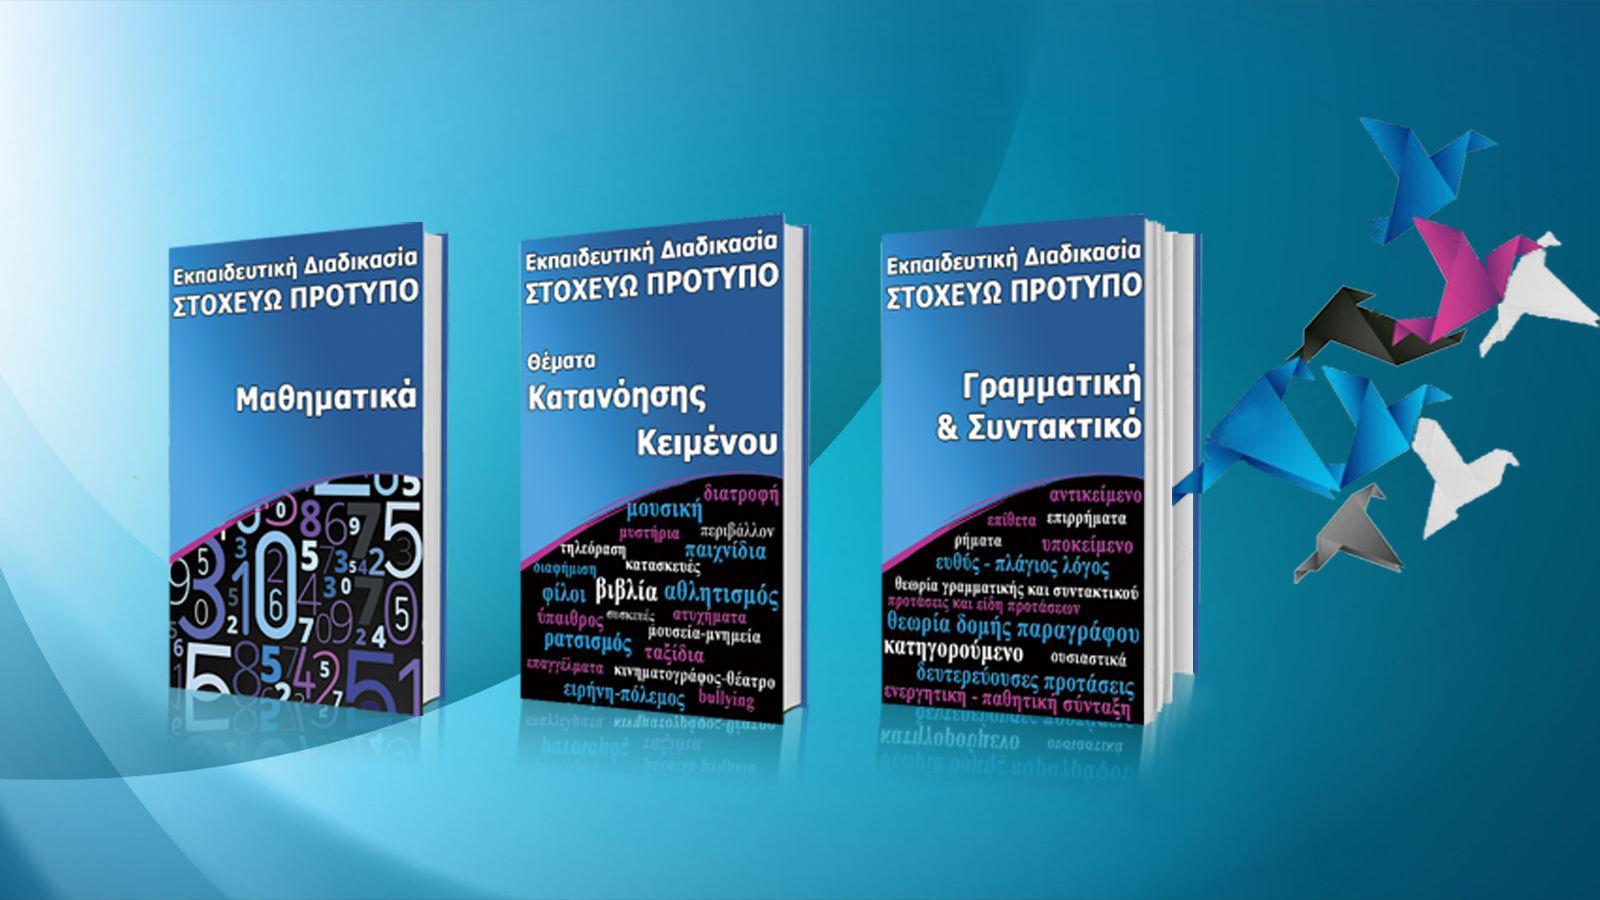 Βιβλία Στοχεύω Πρότυπο